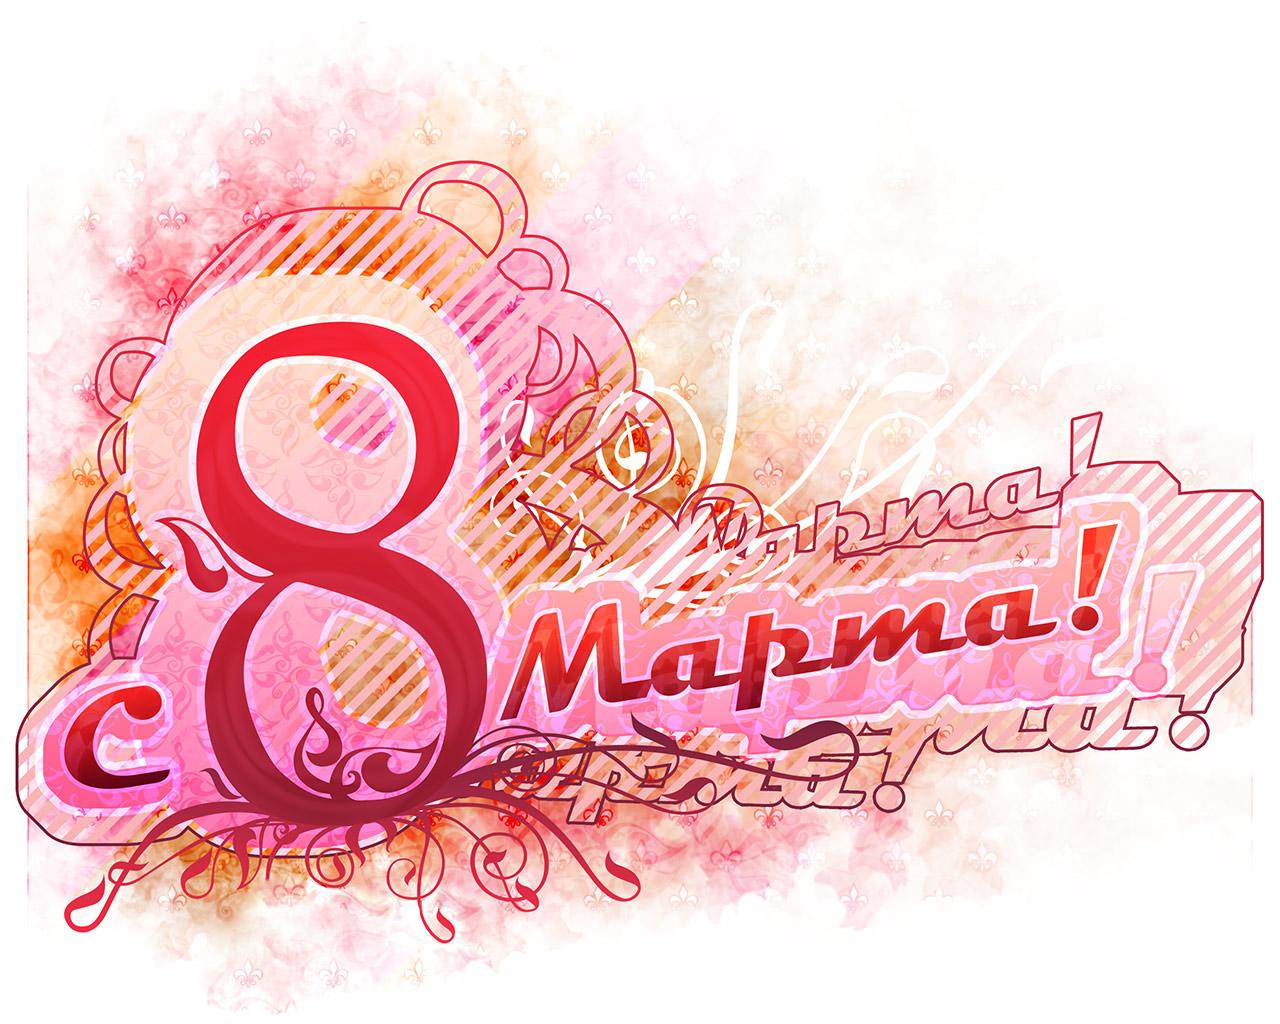 ВСЕХ ВСЕХ ВСЕХ девочек, девушек с 8 МАРТА!!!